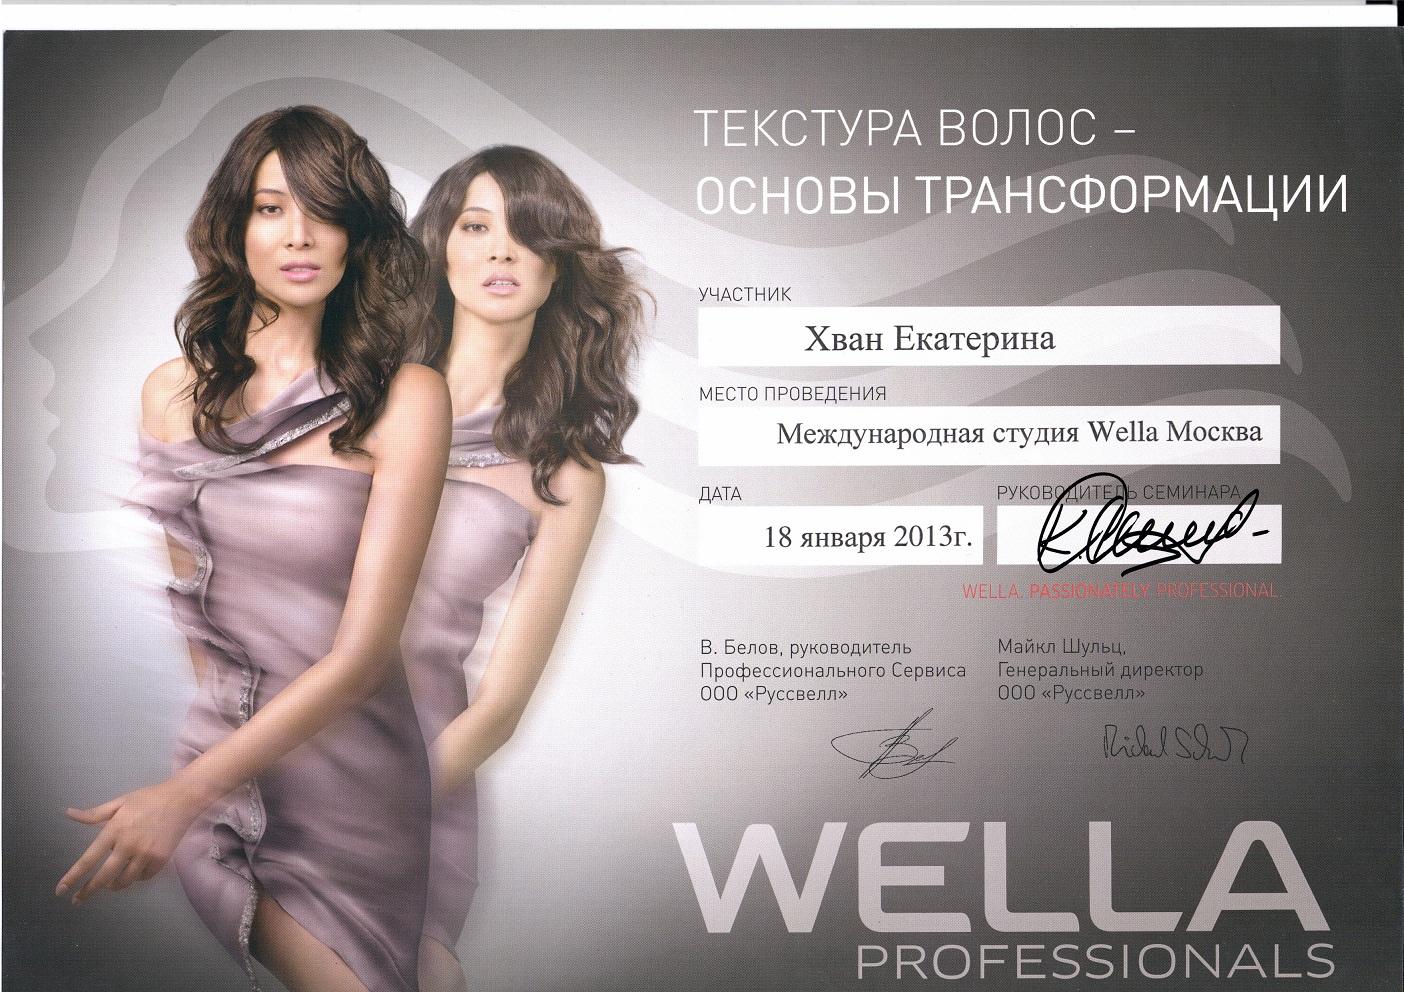 2013 текстура волос-основы трансформации wella